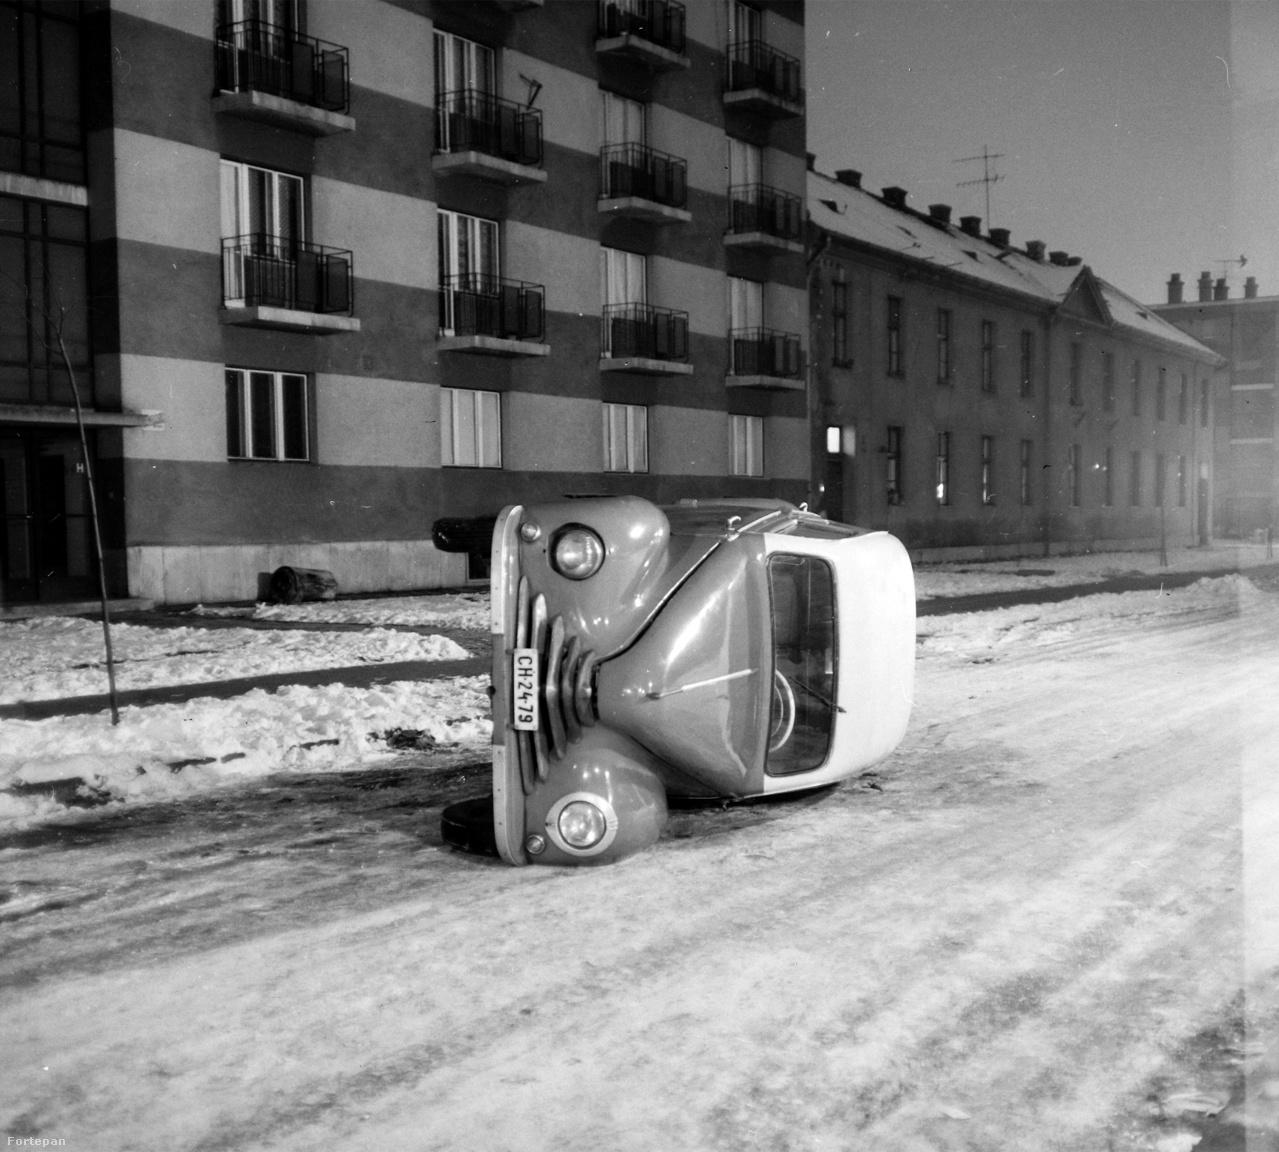 A világ első téli gumiját 1934-ben gyártották (a finn Nokian téli gumija a Kelirengas névre hallgatott), és kezdetekben főleg teherautóknak szánták a csúszós utakra, írja a Wikipedia. Úgy tűnik, a téli gumi létezéséről az 1964-ben a Perényi Zsigmond utca az 50. előtt felborult autó tulajdonosának egyáltalán nem volt tudomása.